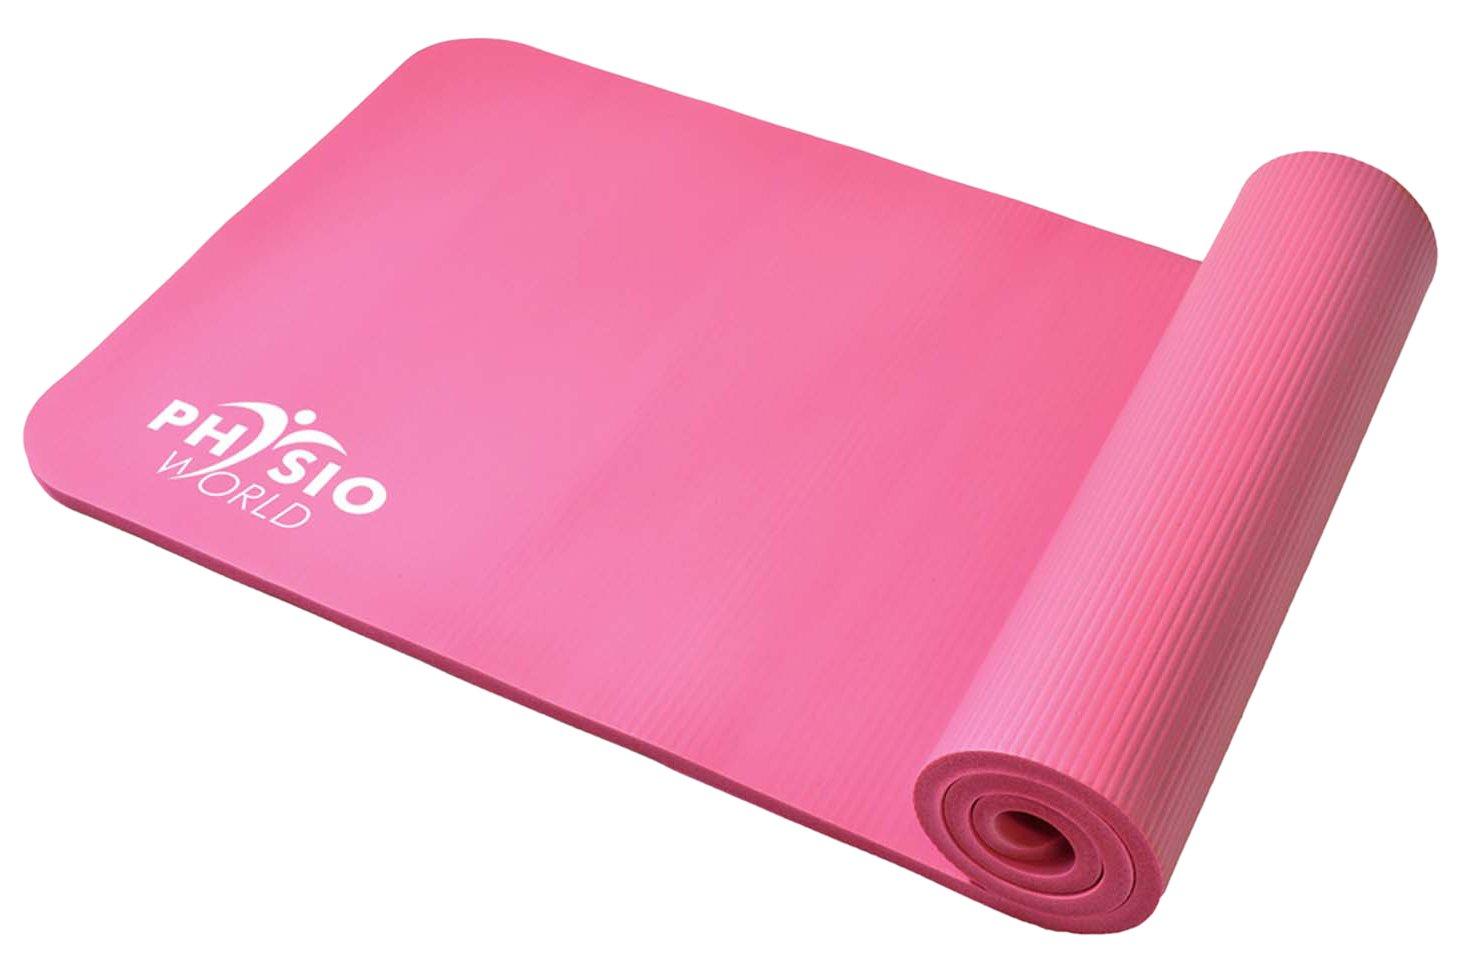 PhysioWorld - Esterilla de deporte, colchoneta de fitness / entrenamiento de espuma NBR para Pilates